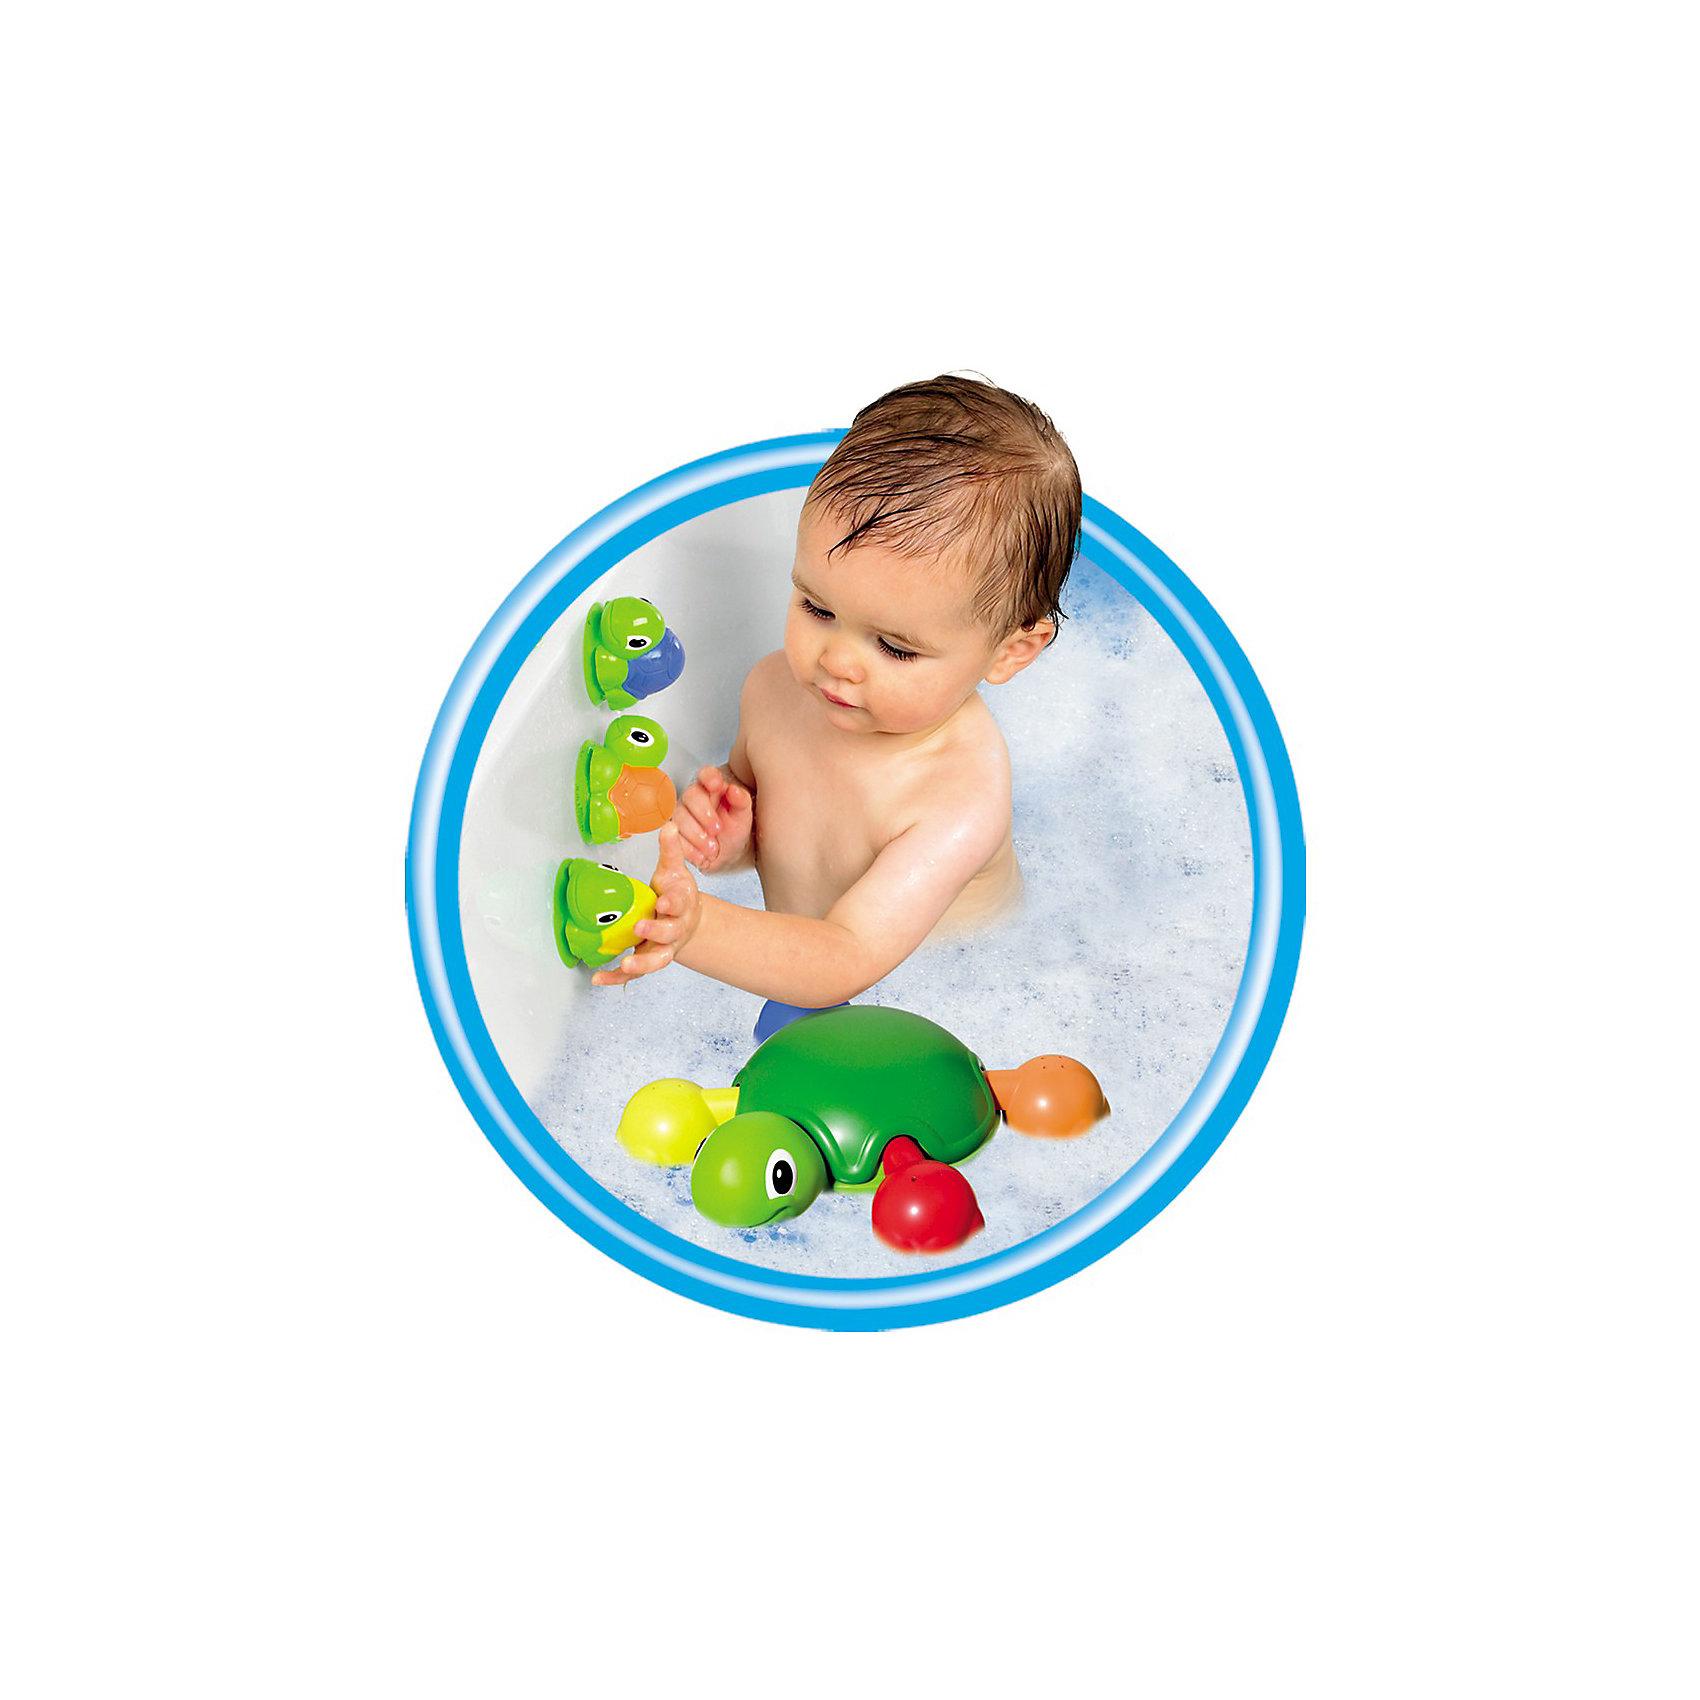 Игрушка для ванной Веселые черепашки, TOMYИгровые наборы<br>Характеристики игрушка для ванной Веселые черепашки:<br><br>- возраст: от 12 месяцев<br>- пол: для мальчиков и девочек<br>- цвет: зеленый, красный, желтый, оранжевый, синий.<br>- комплект: мама-черепаха, ноги-ковшики (4 шт.), черепашата (4 шт.).<br>- материал: пластик, резина.<br>- размер упаковки: 28 * 8 * 30 см.<br>- упаковка: картонная коробка.<br>- страна обладатель бренда: Великобритания.<br><br>Веселое черепашье семейство сделает водные процедуры намного интереснее! Пластмассовая мама-черепаха уверенно держится на поверхности воды, а четверо резиновых черепашат могут прилипать к ее панцирю или к другим гладким поверхностям, вроде кафеля. К тому же в них можно набрать воды и брызгаться! Лапки мамы-черепахи — это еще и ковшики с отверстиями, их можно отсоединить и поливаться как из душа. Когда купание закончено, лапки нужно вернуть на место, подобрав для каждой выемку соответствующей формы — но уж с этой задачкой юный логик справится быстро. Играть в воде — очень весело, и это готовы подтвердить многие рептилии!<br><br>Игрушку для ванной Веселые черепашки торговой марки Tomy (Томи) можно купить в нашем интернет-магазине.<br><br>Ширина мм: 303<br>Глубина мм: 281<br>Высота мм: 84<br>Вес г: 549<br>Возраст от месяцев: 12<br>Возраст до месяцев: 48<br>Пол: Унисекс<br>Возраст: Детский<br>SKU: 3232813